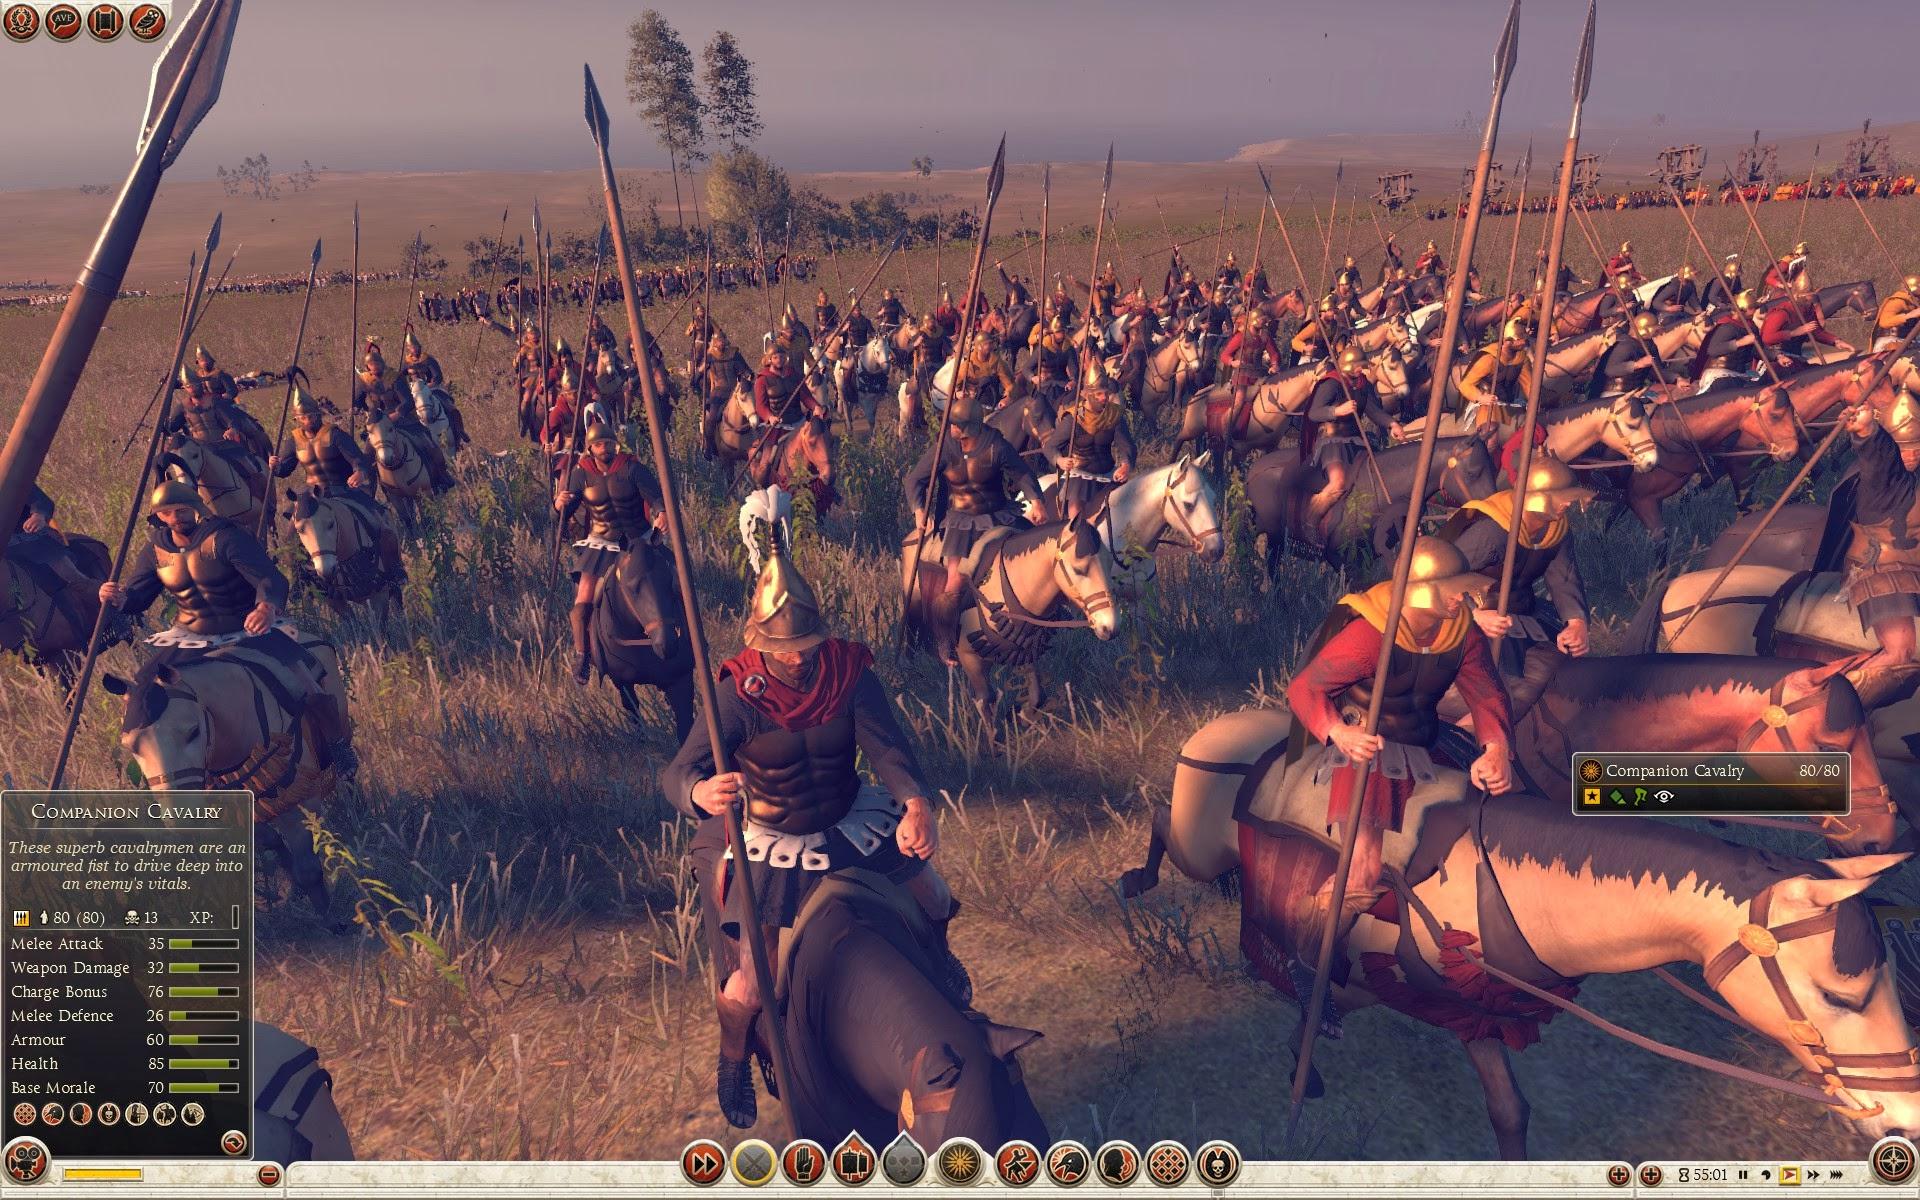 Companion Cavalry